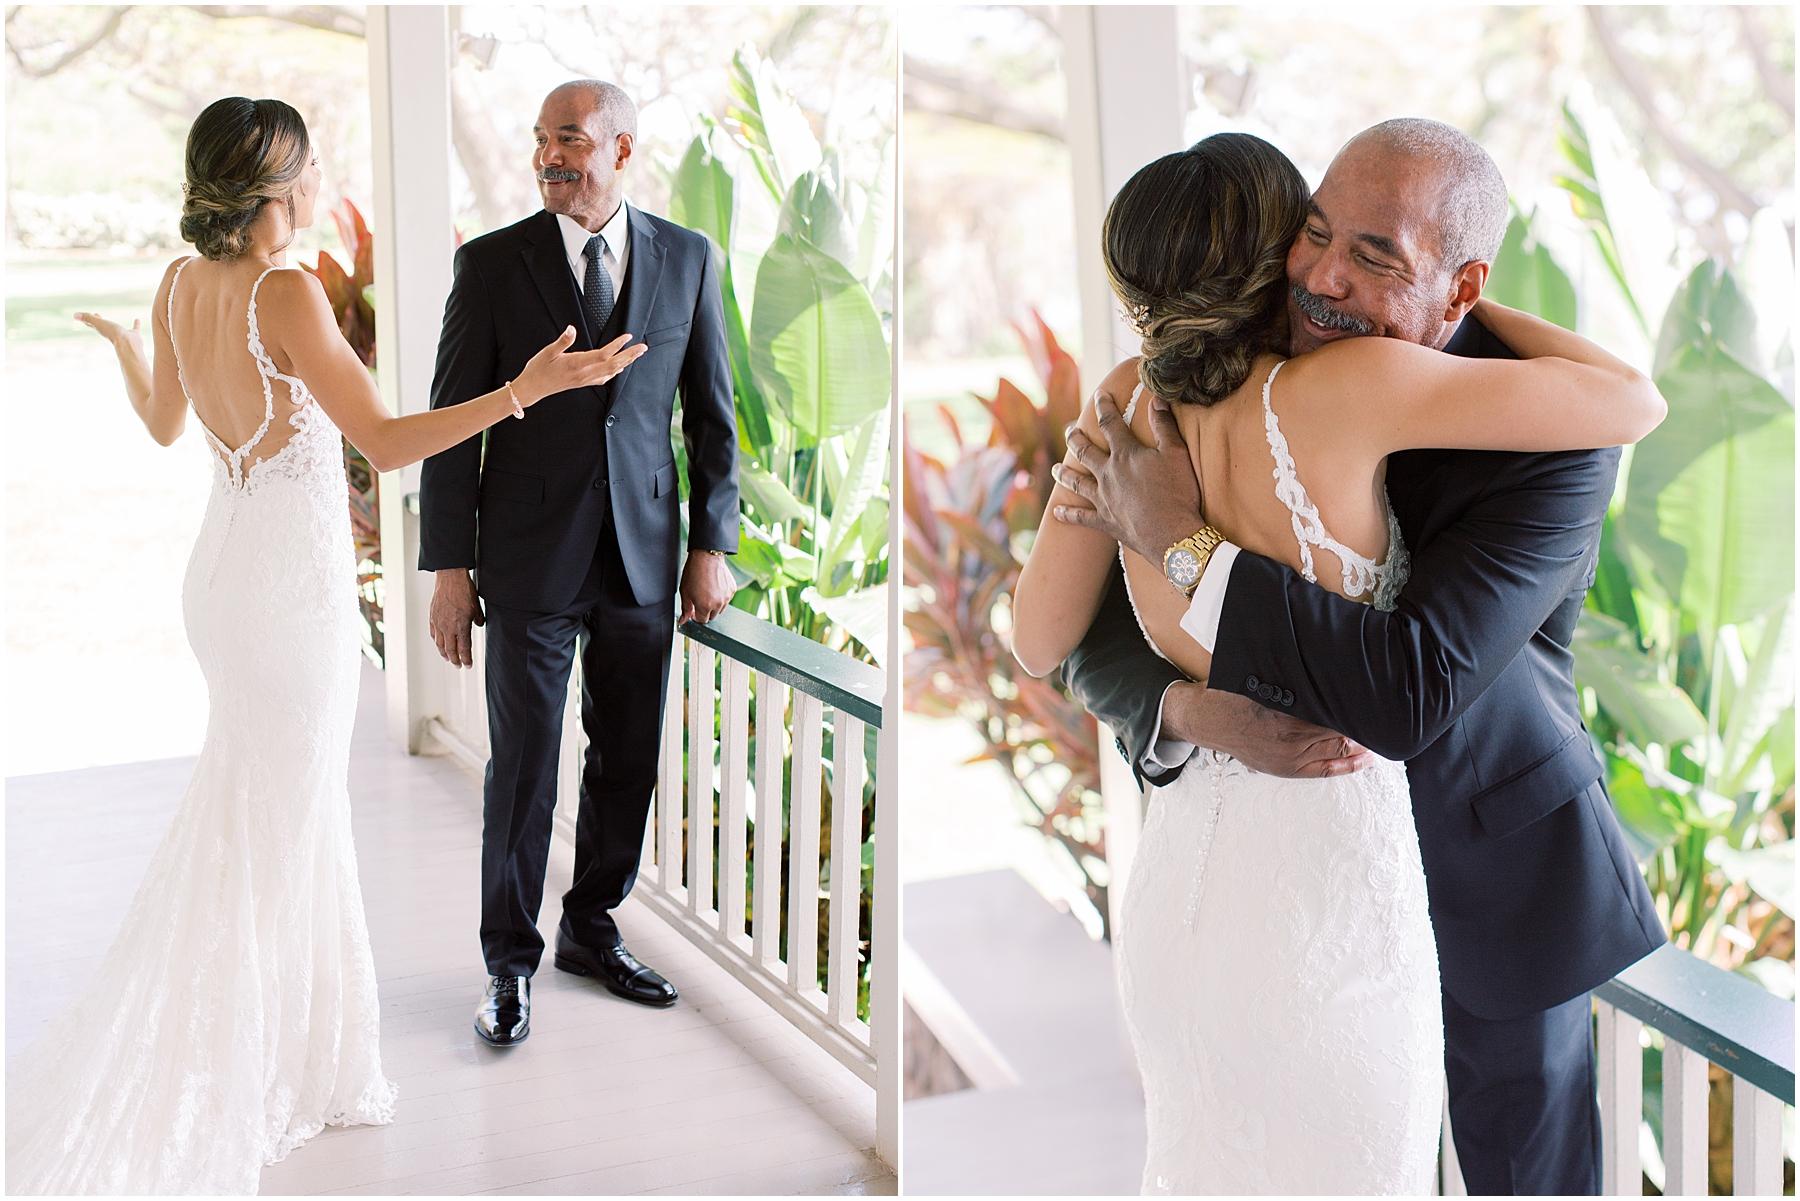 Olowalu-plantation-house-maui-hawaii-wedding-36.jpg